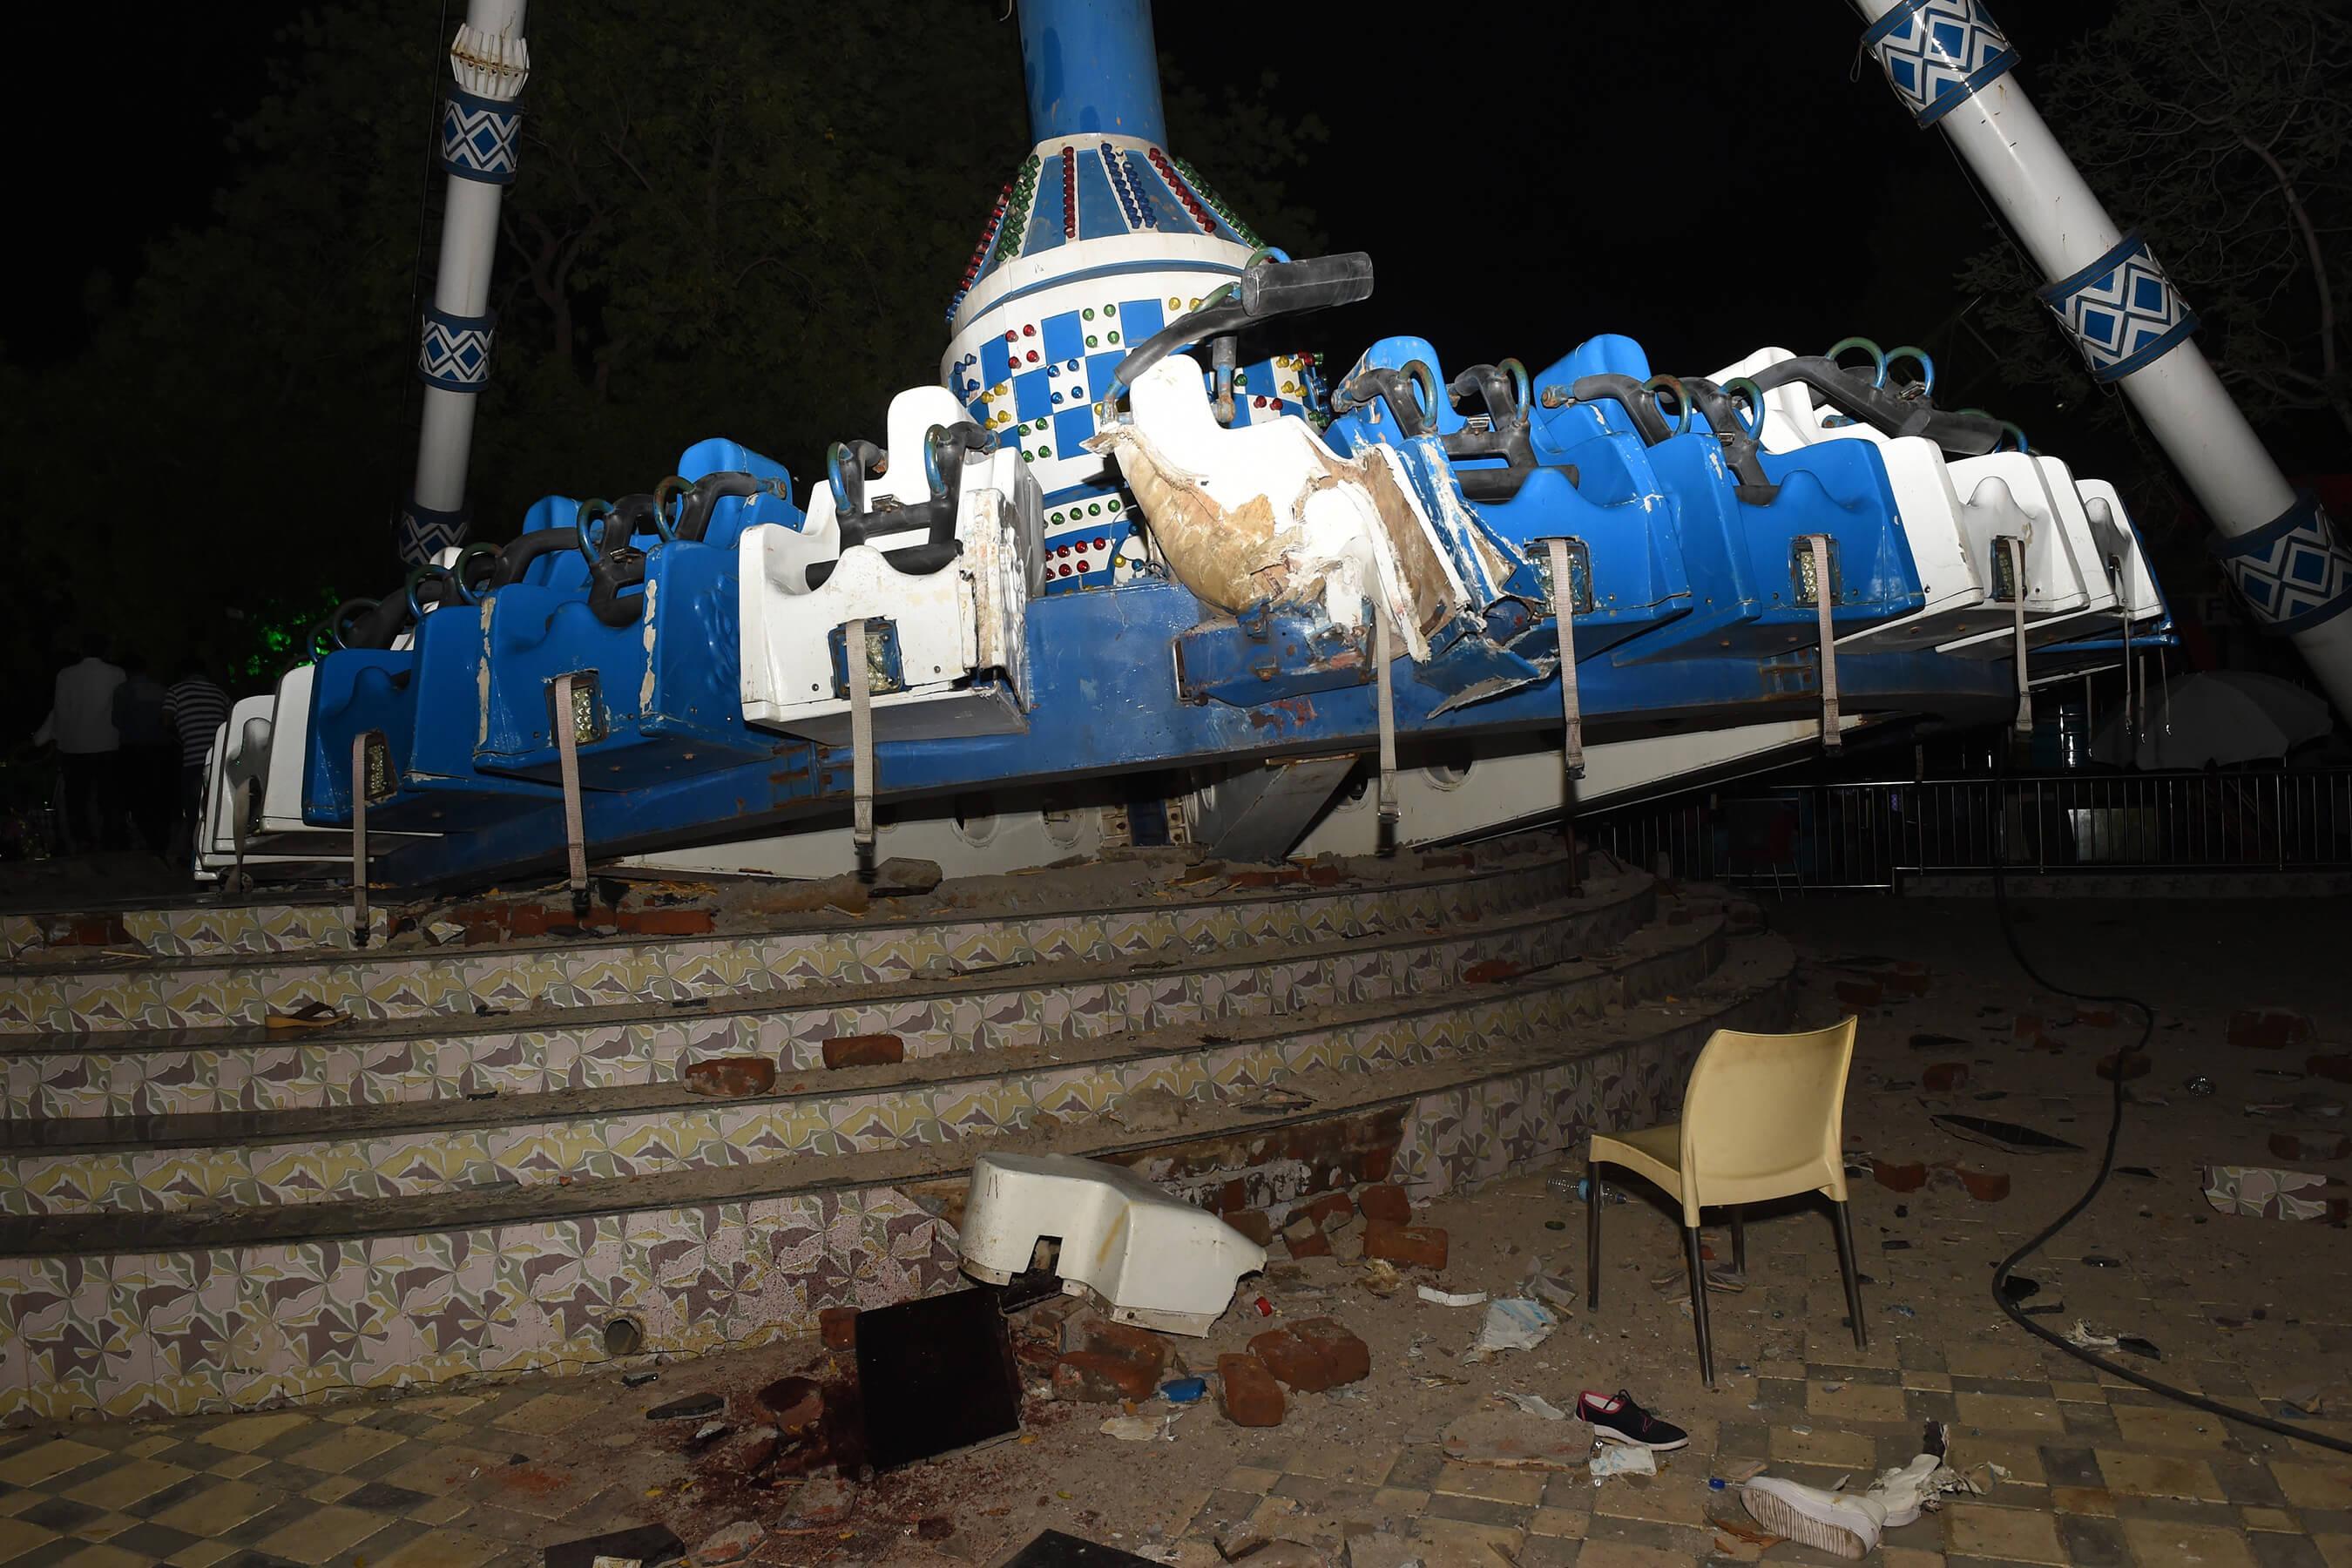 遊園 地 事故 インド 国内・外で実際に起きた恐ろしい遊園地事故10選…悲惨すぎると話題に…